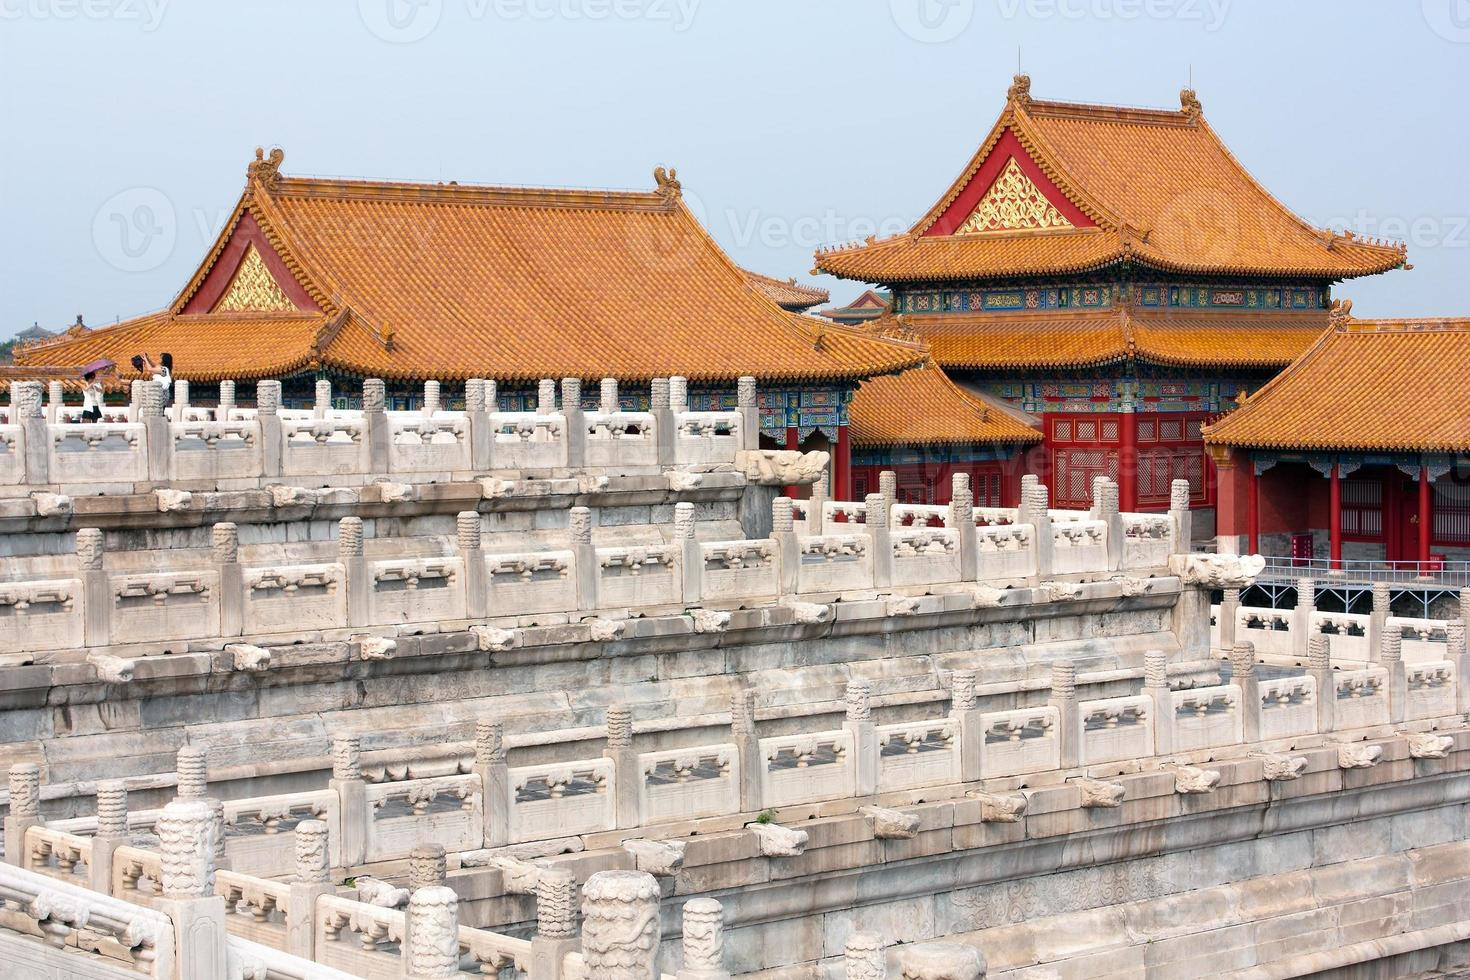 vista da cidade proibida - beijing, china foto